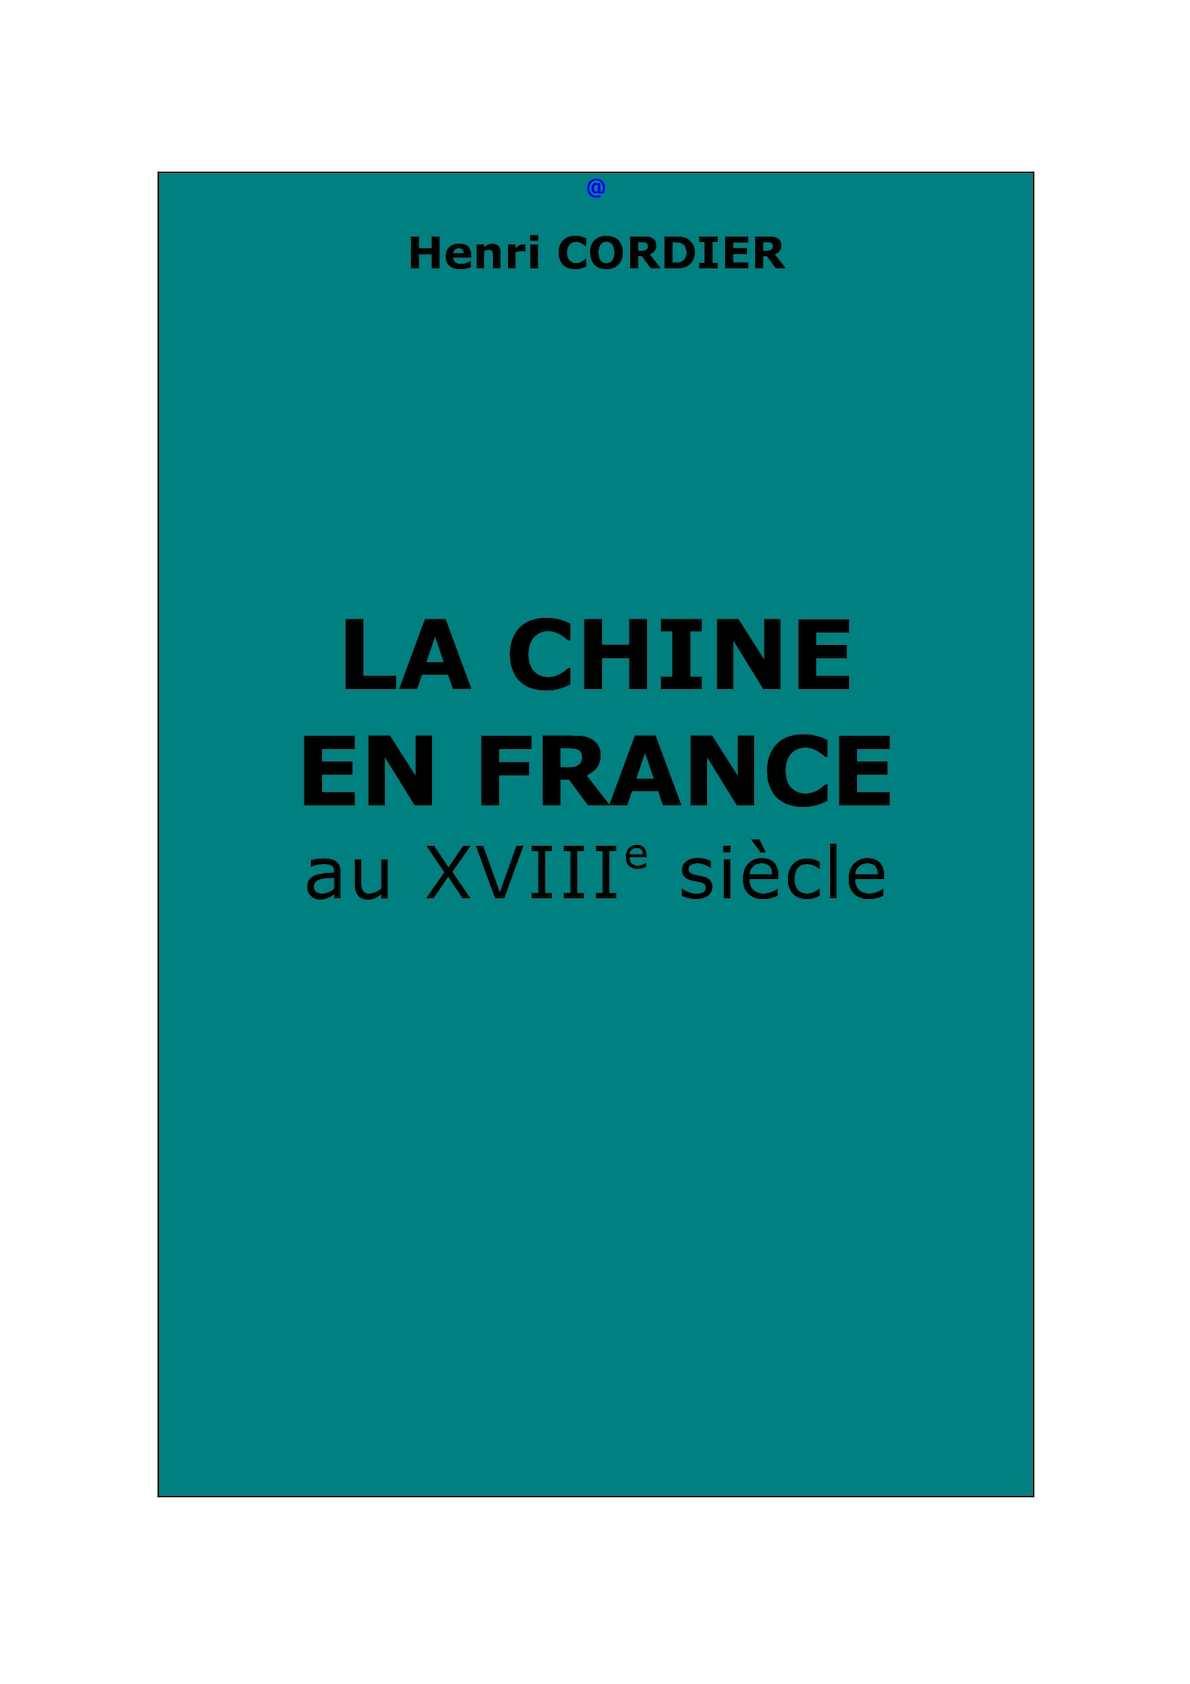 La Chine en France au XVIIIe siècle - Henri Cordier